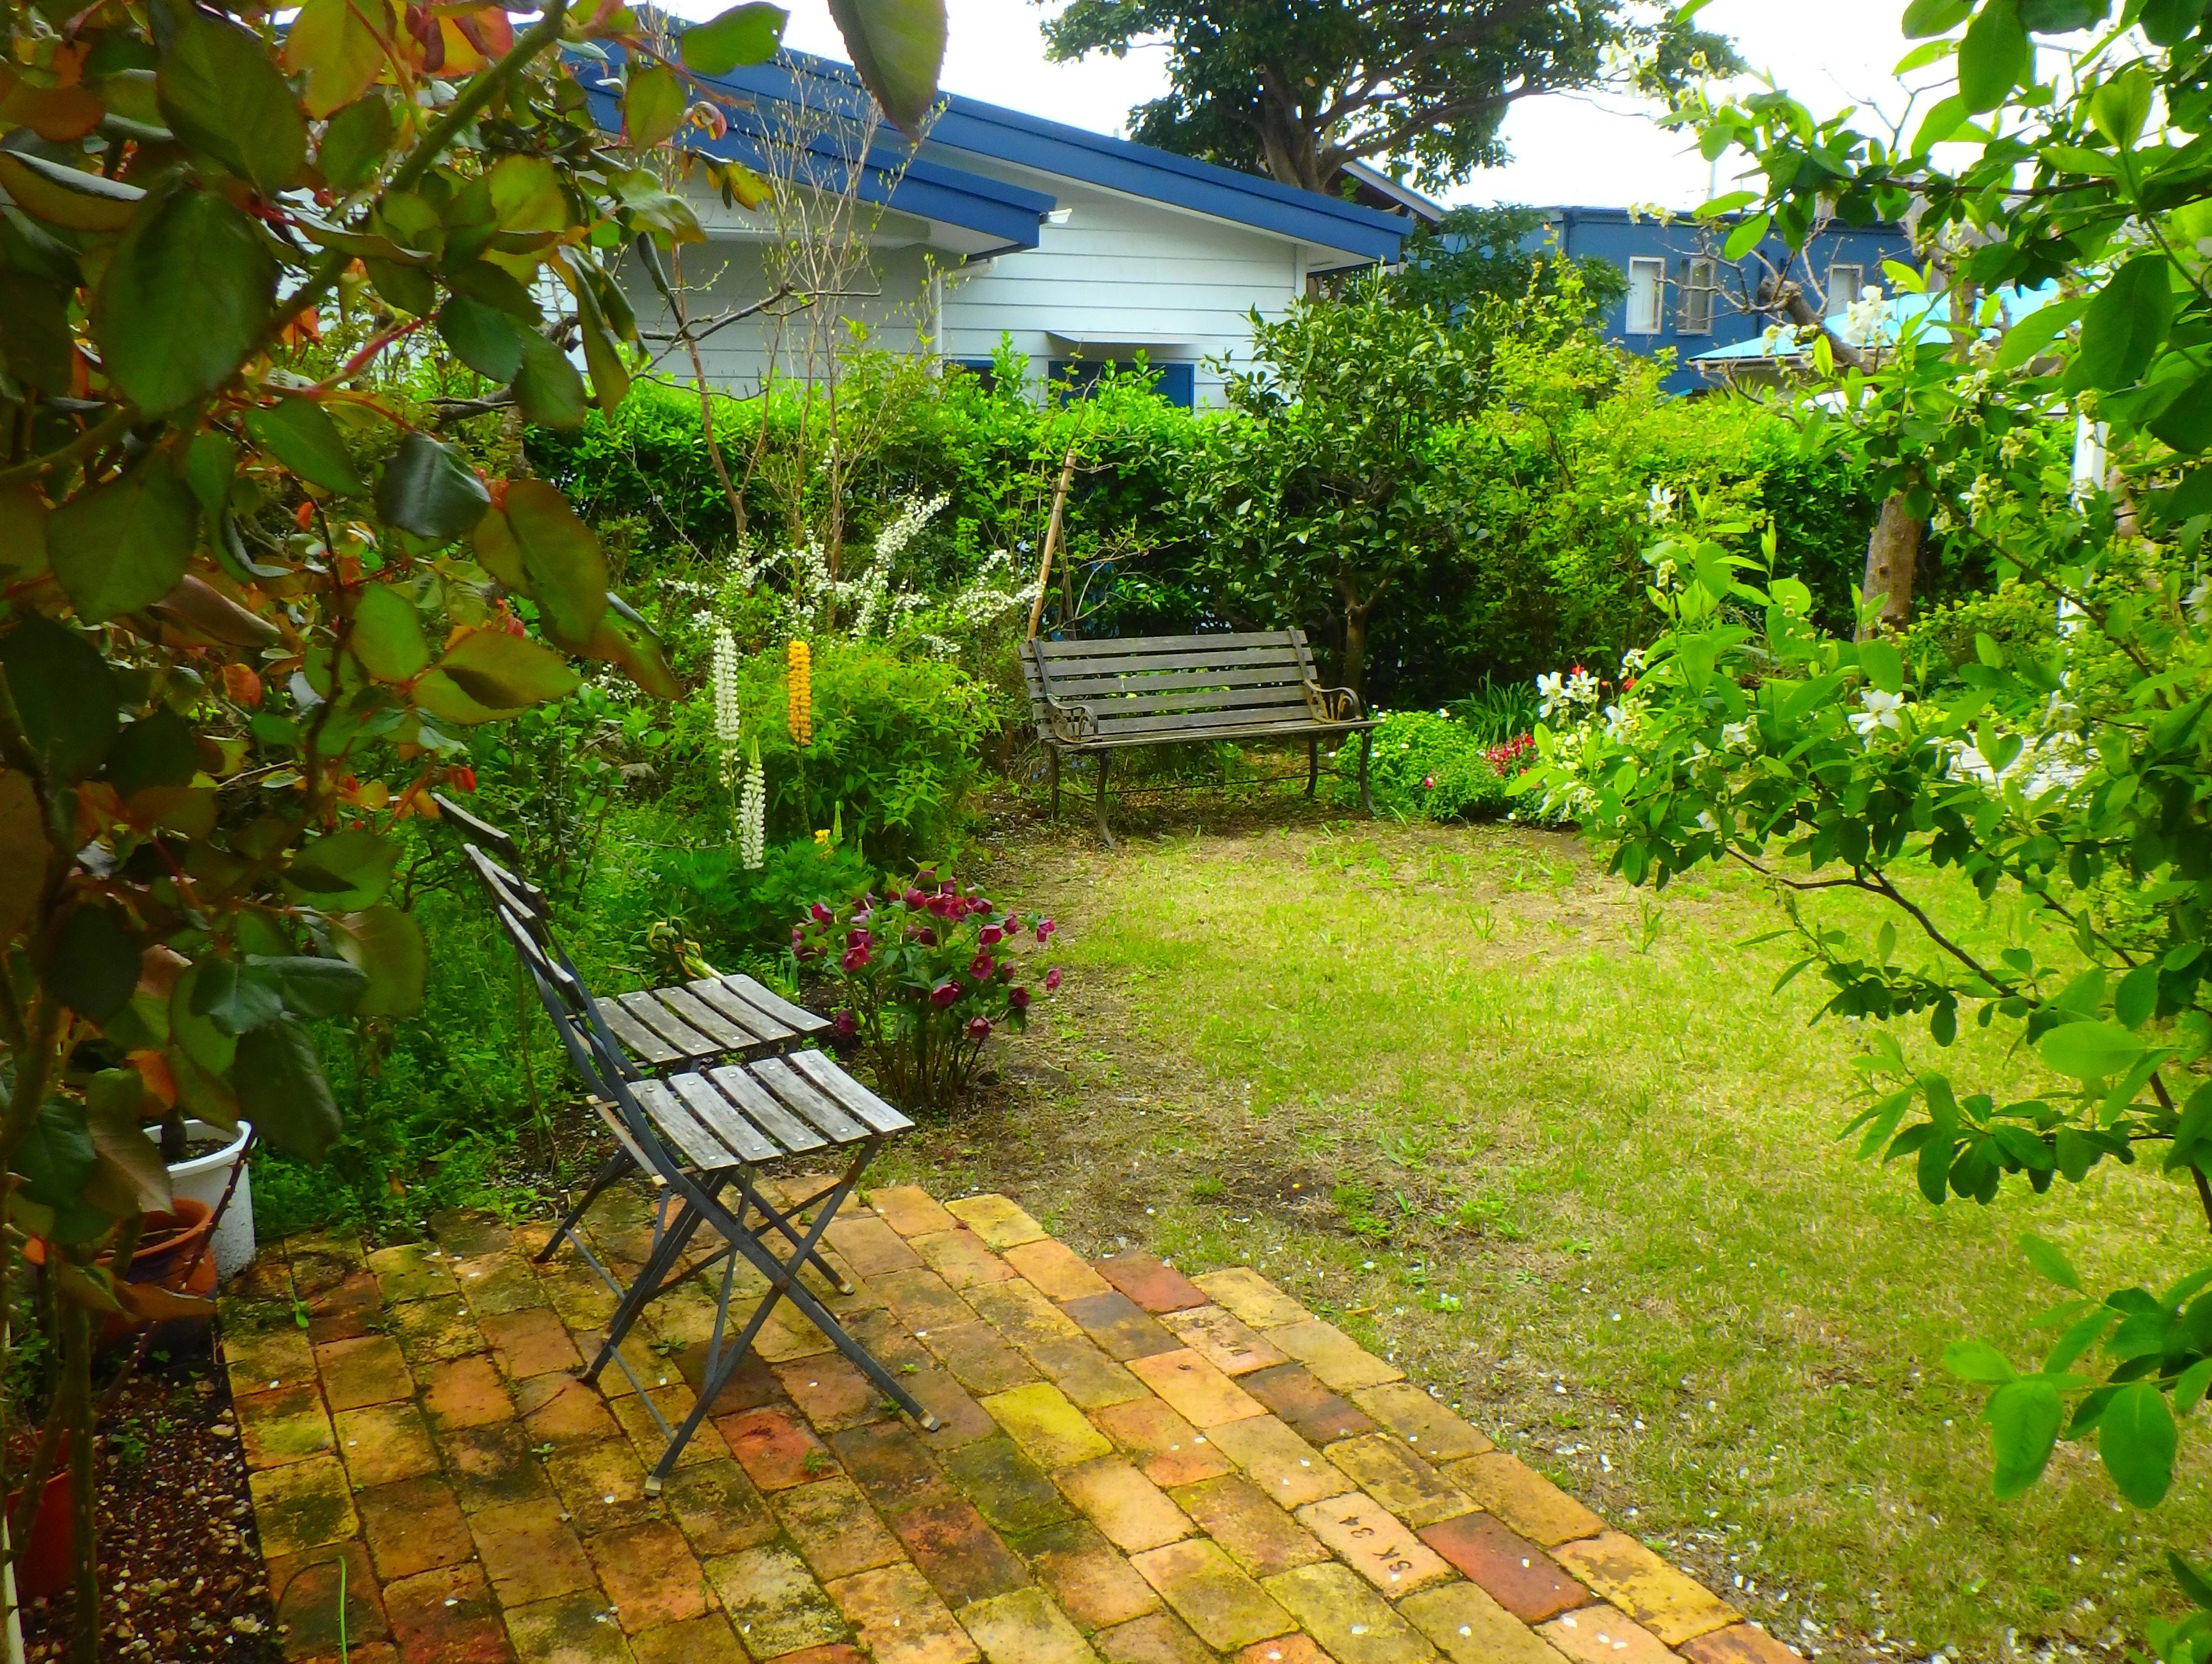 彩葉苑 -いろはえん-【横須賀・三浦・葉山・逗子の造園・管理承ります】 | 素敵なお庭、愉しいお庭、お届けいたします。